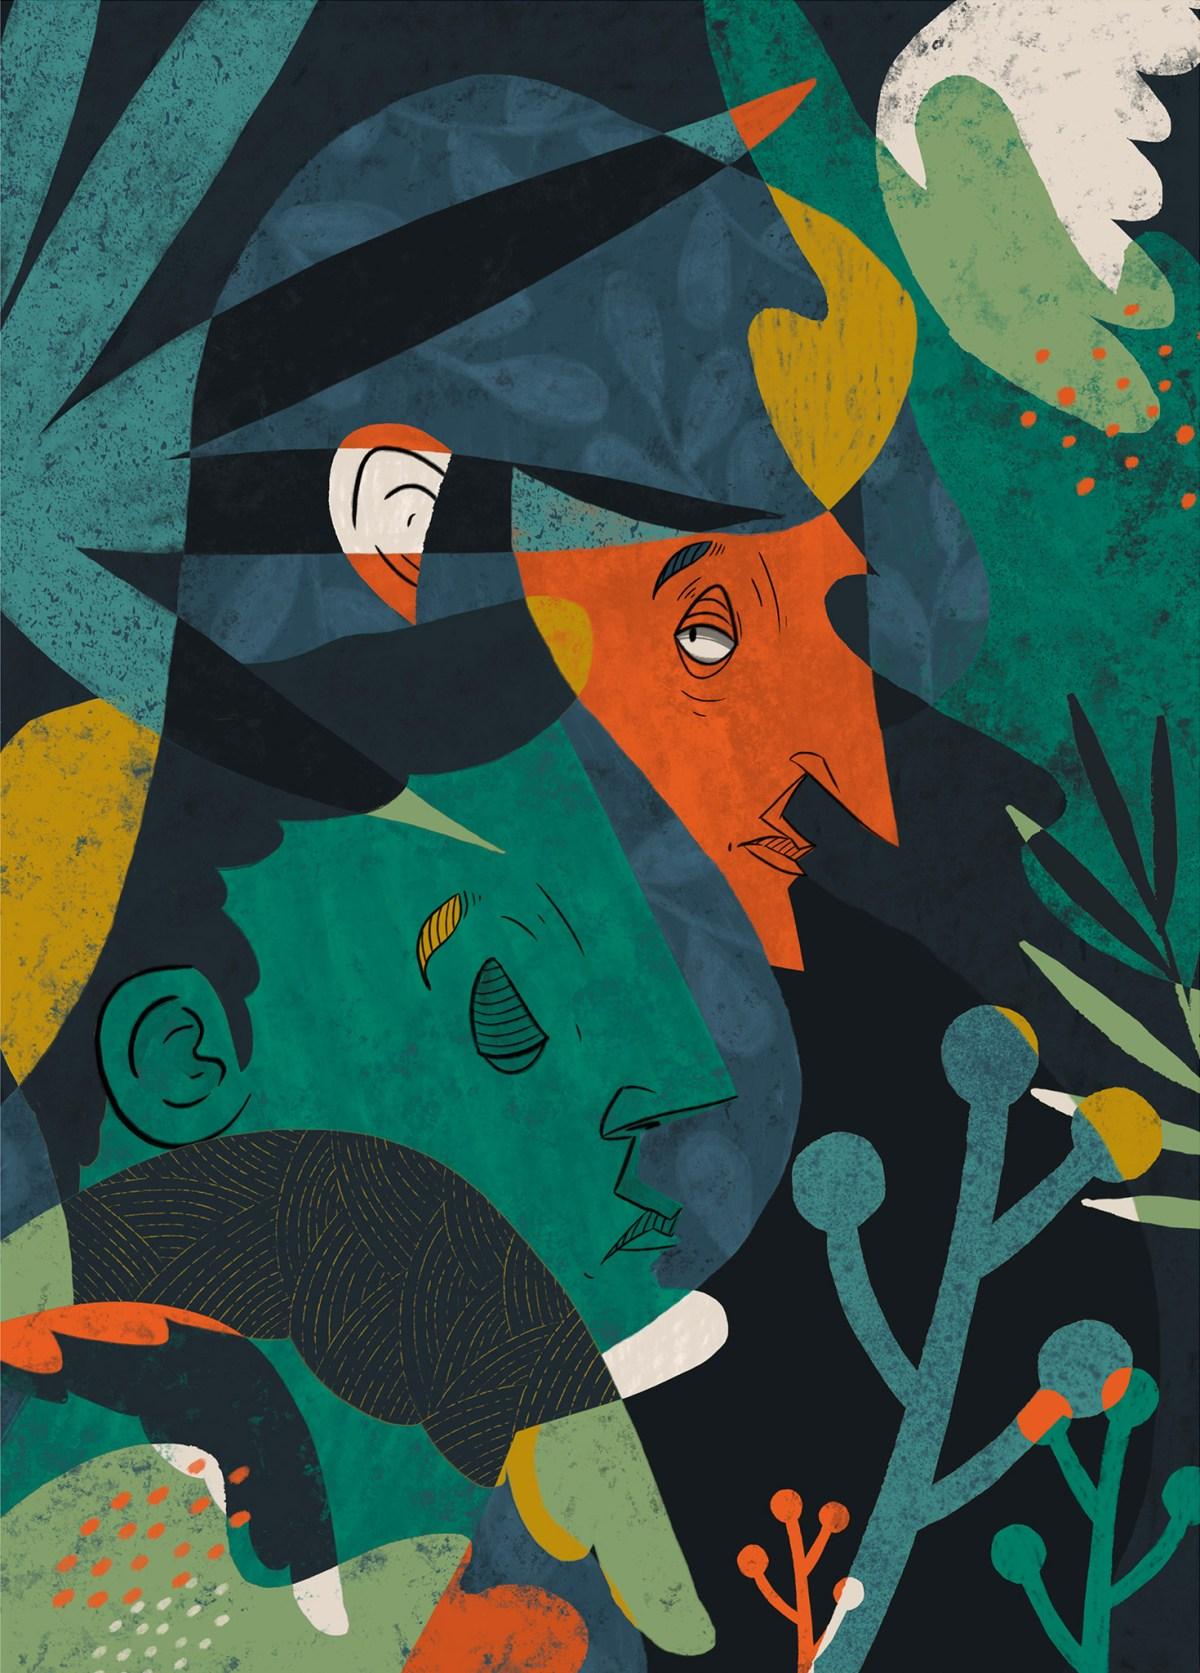 illustration-mete-kaplan-eker-01